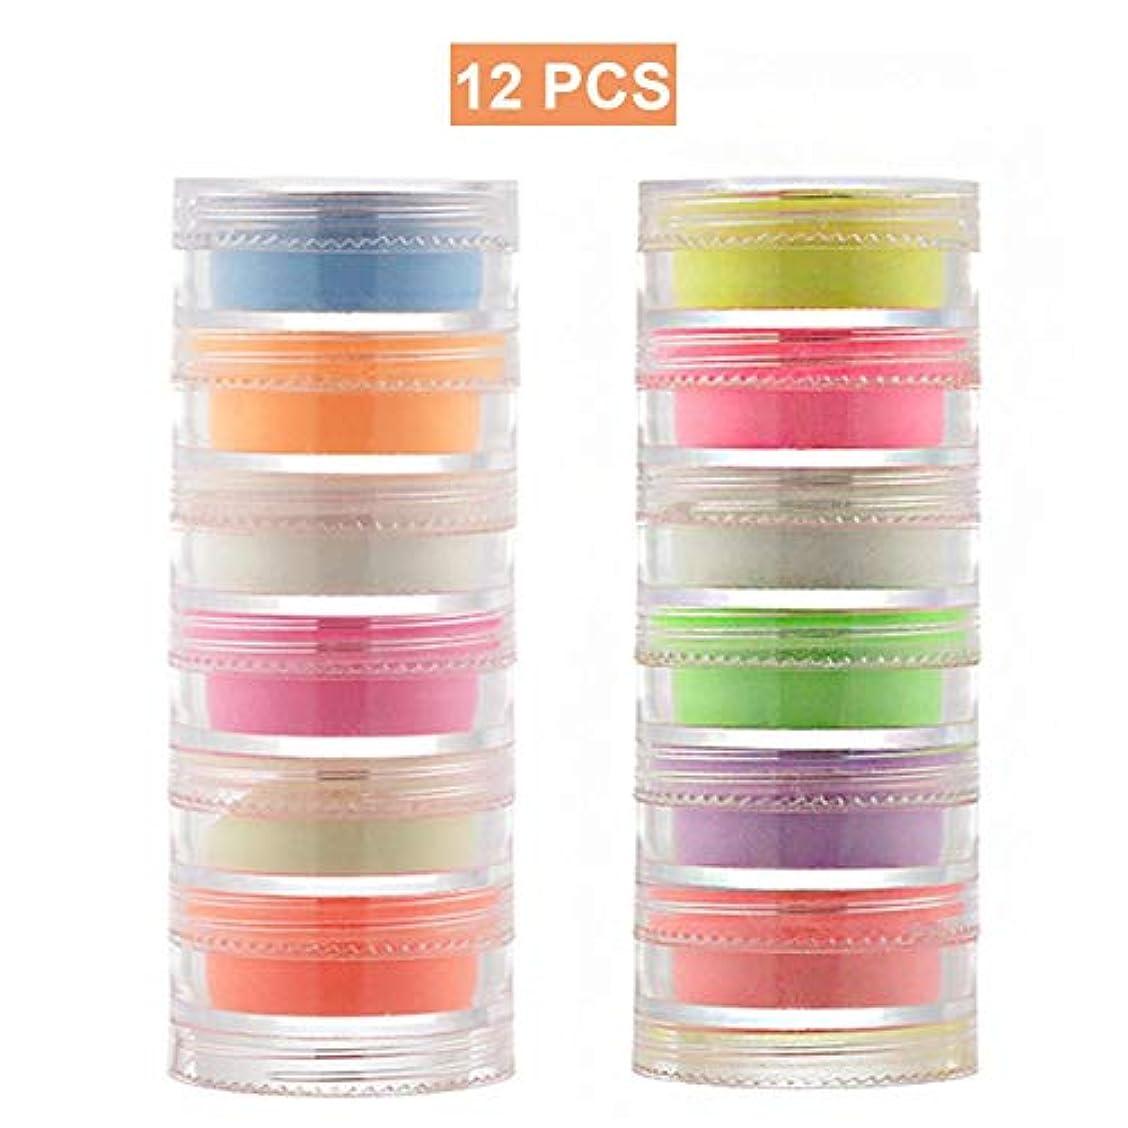 注目すべき場合オープニング女の子色レディースのための12色のハロウィンDIYによって塗られる釘の明るい粉